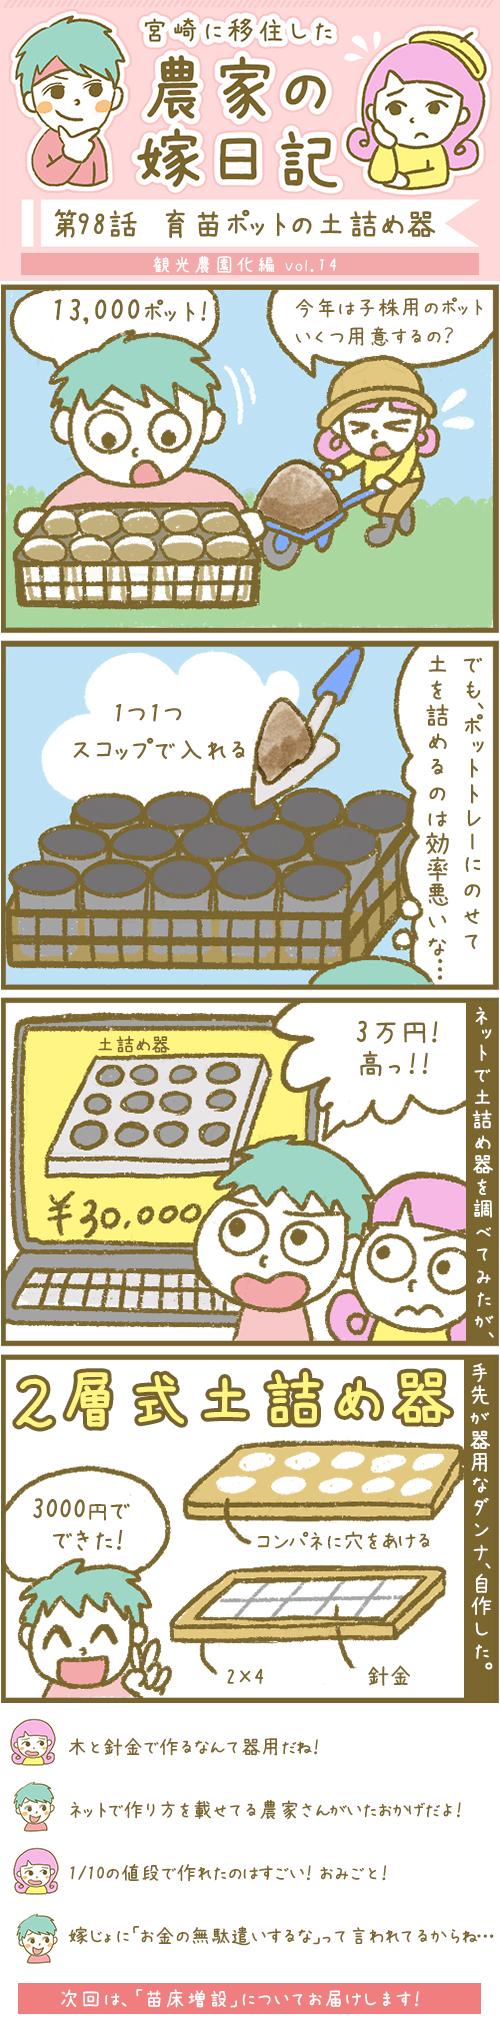 漫画第98話